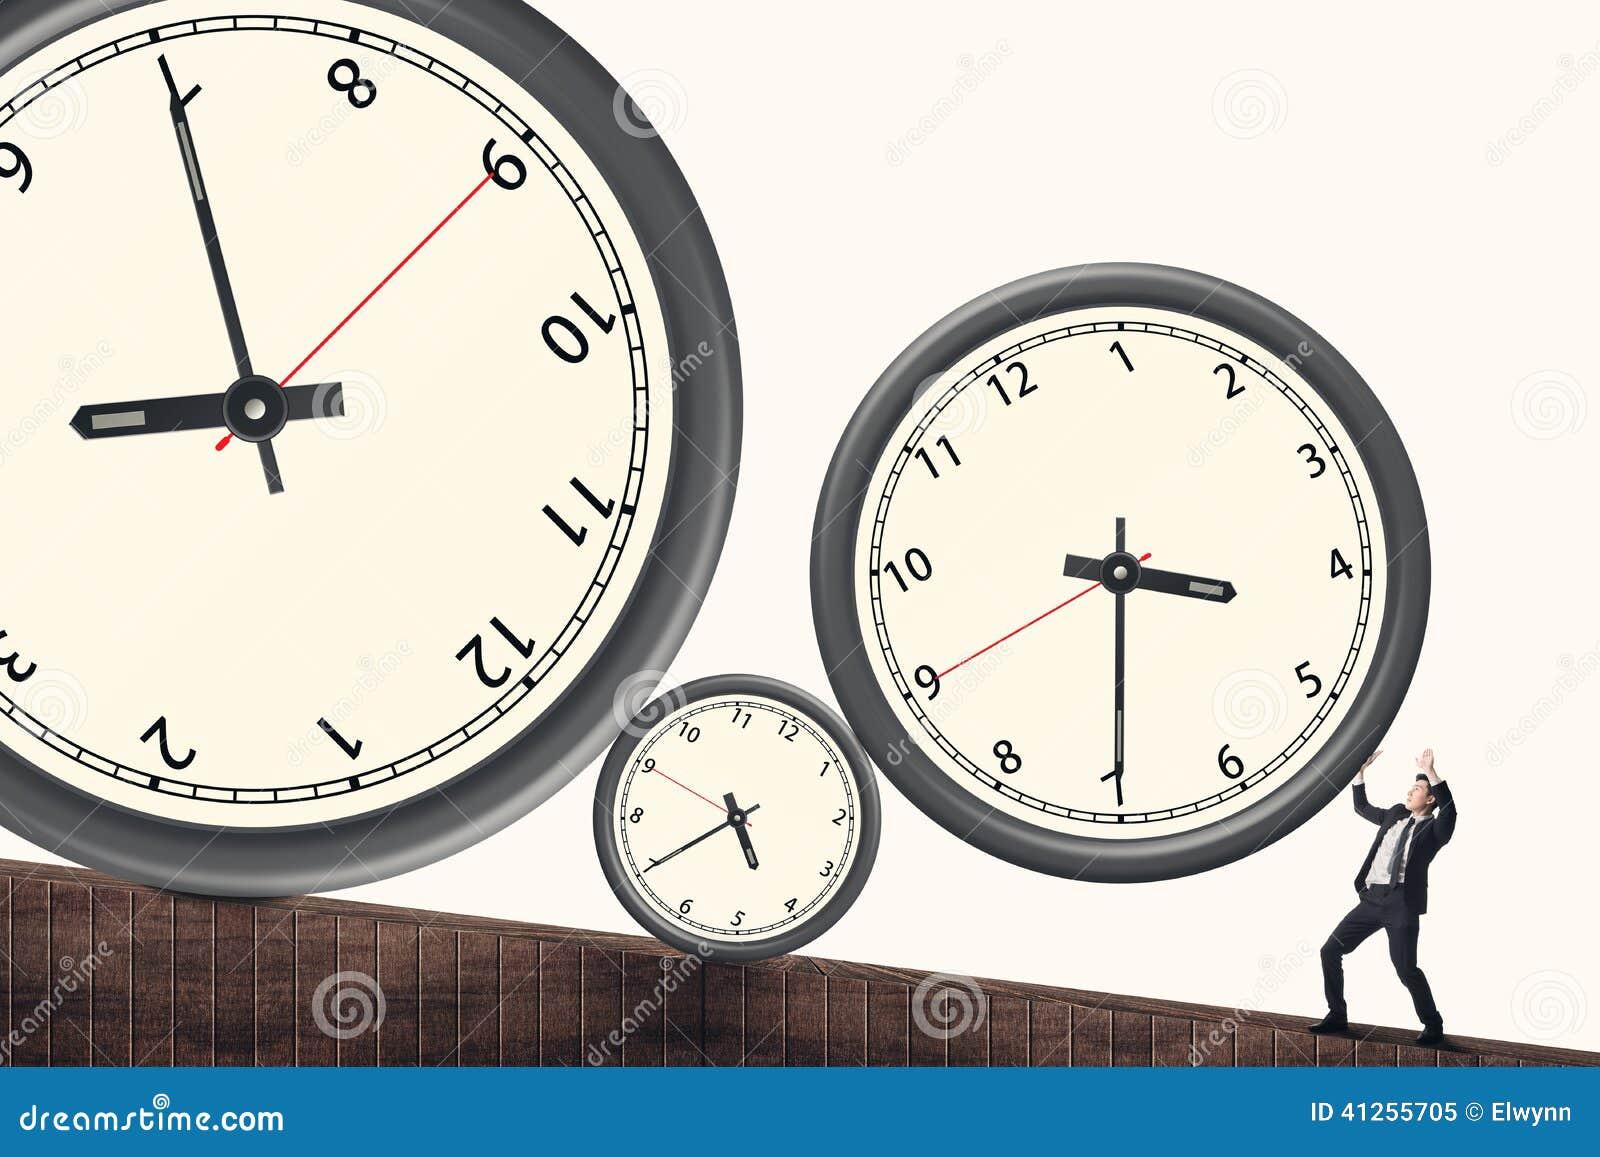 Time pressure concept